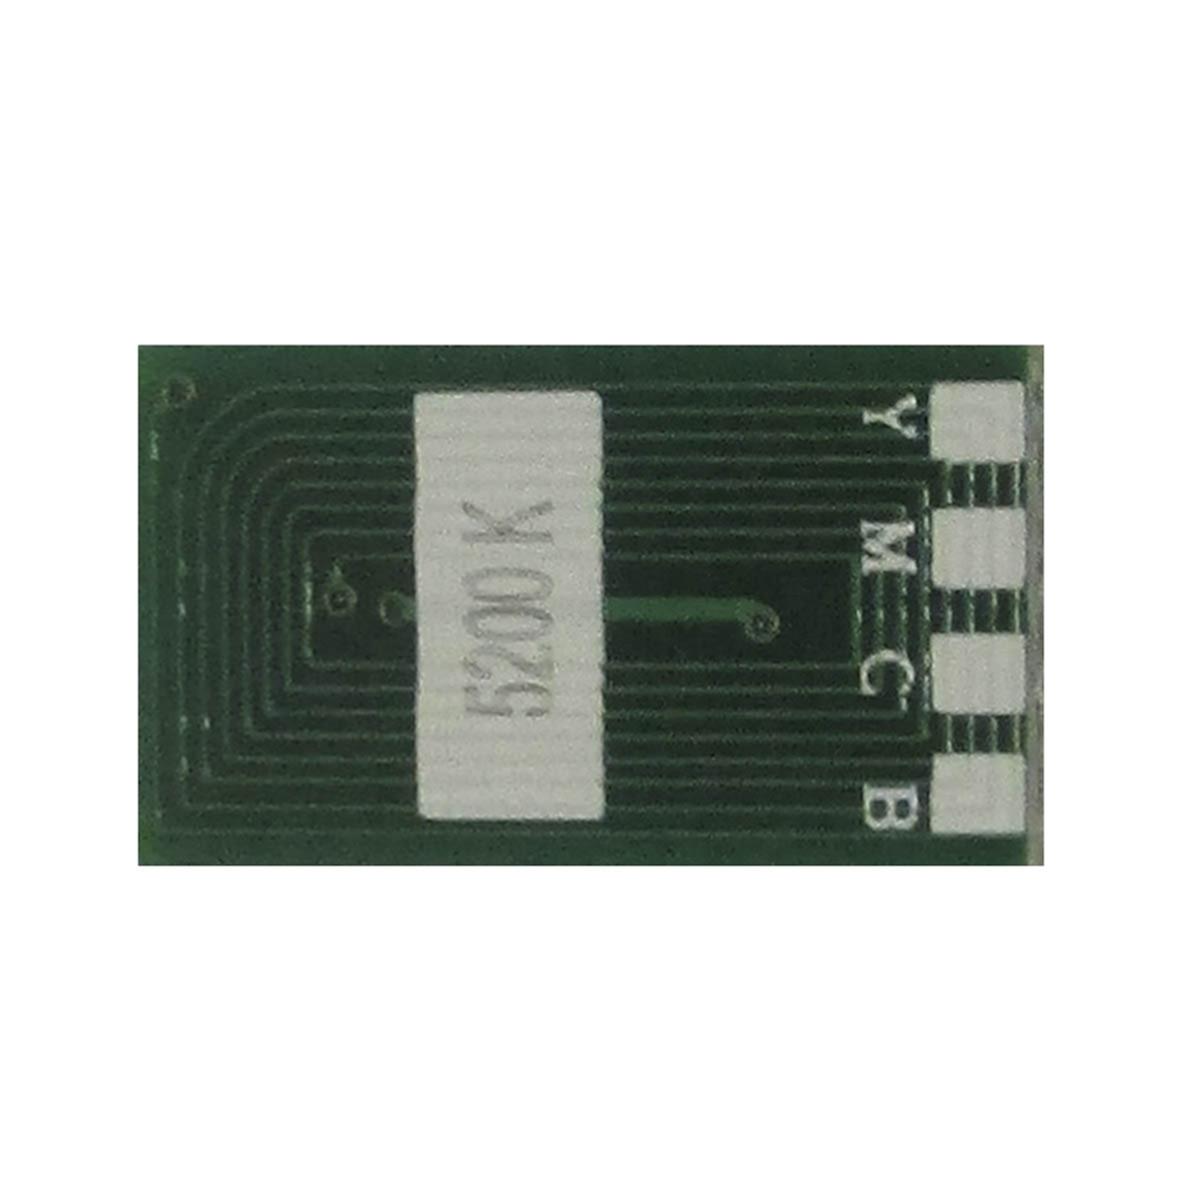 Chip Ricoh sp5200/ sp 5200/sp5210/sp 5210 25k - Importado